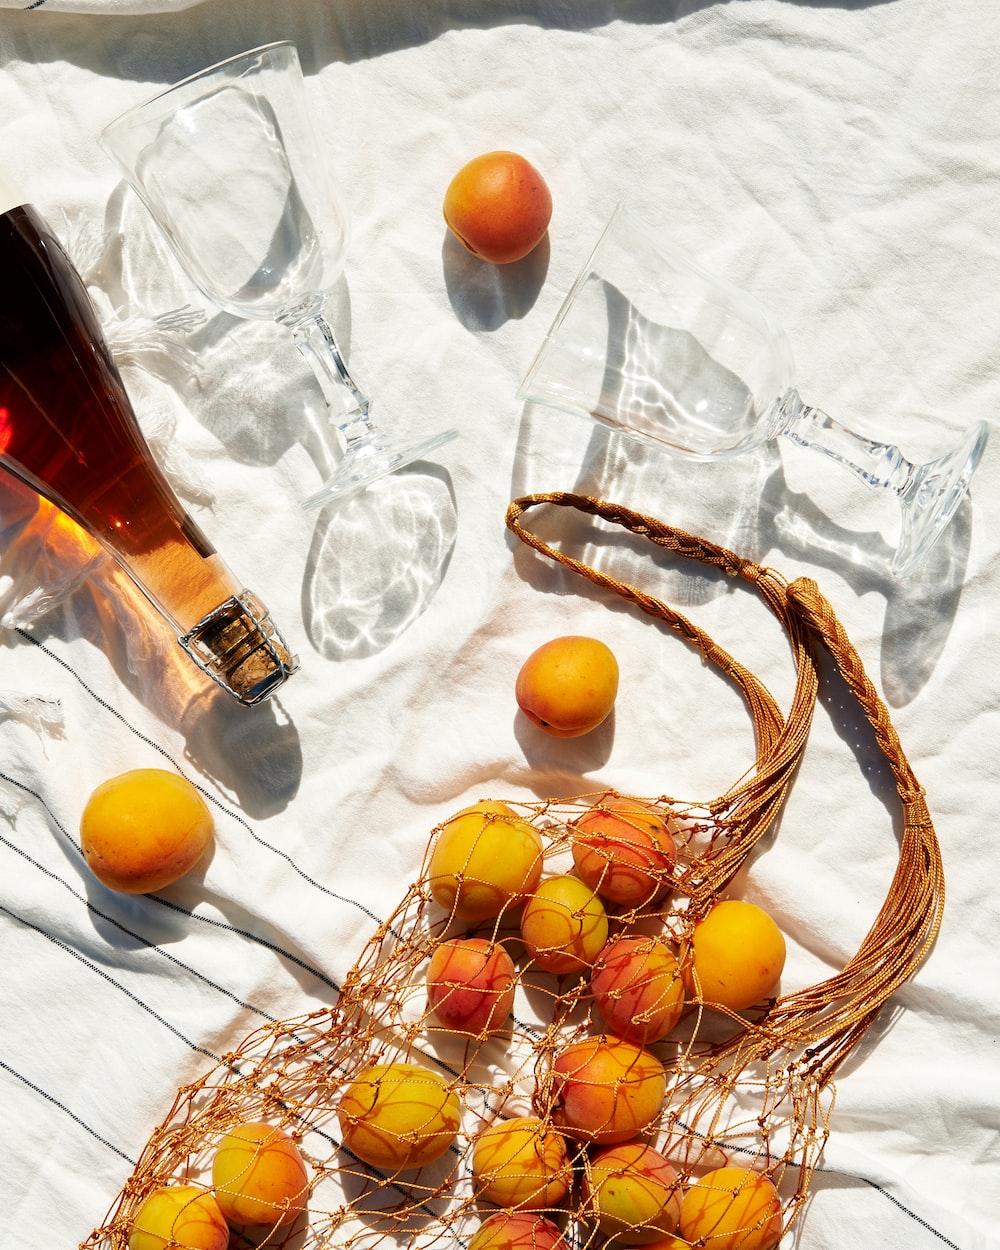 orange fruit on white textiles